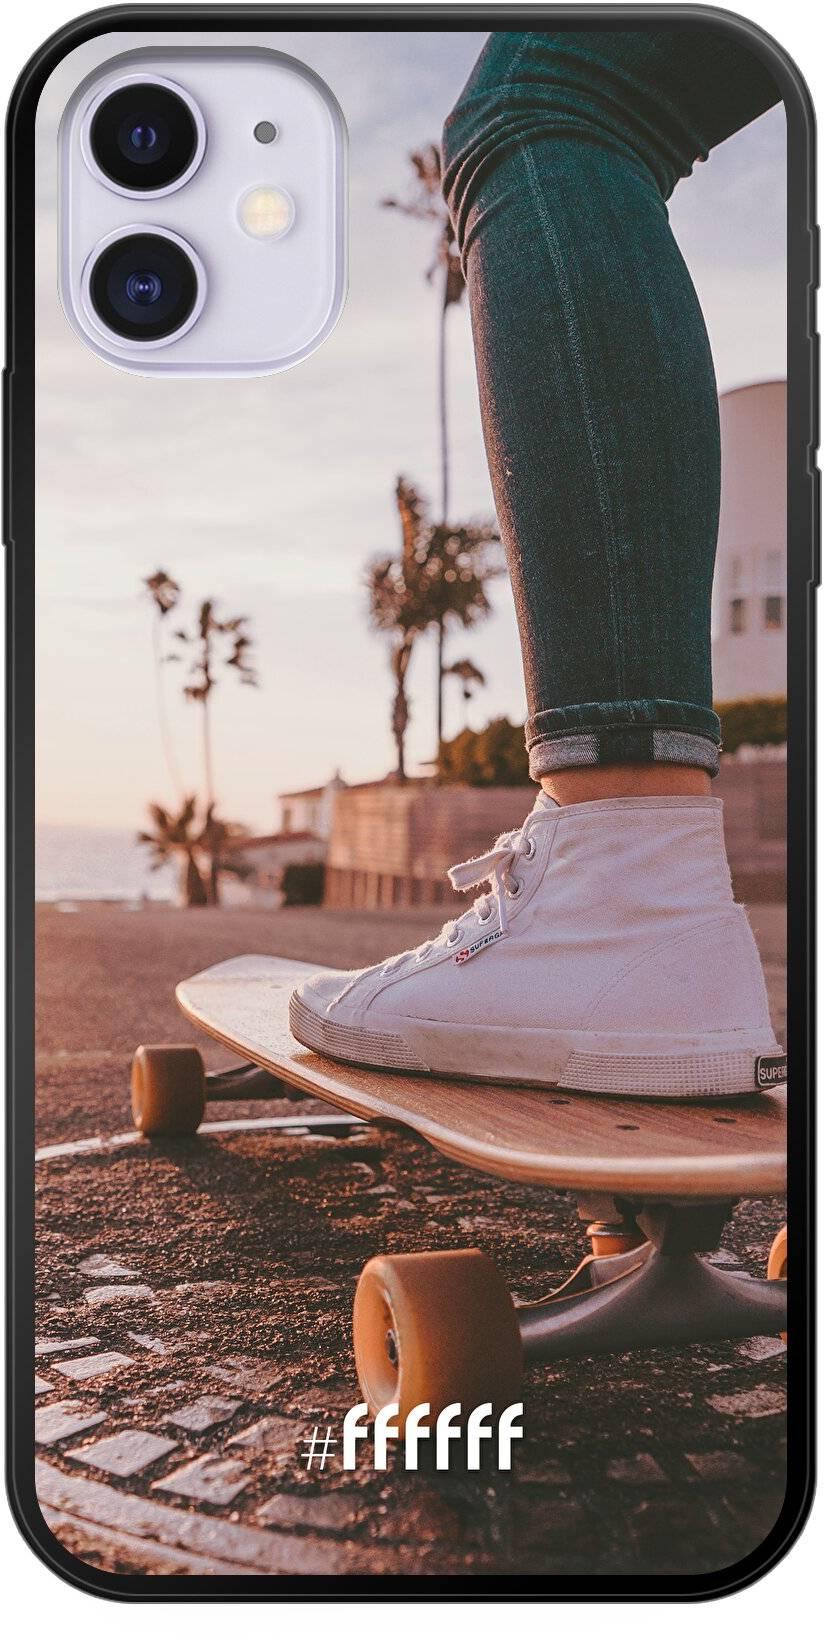 Skateboarding iPhone 11